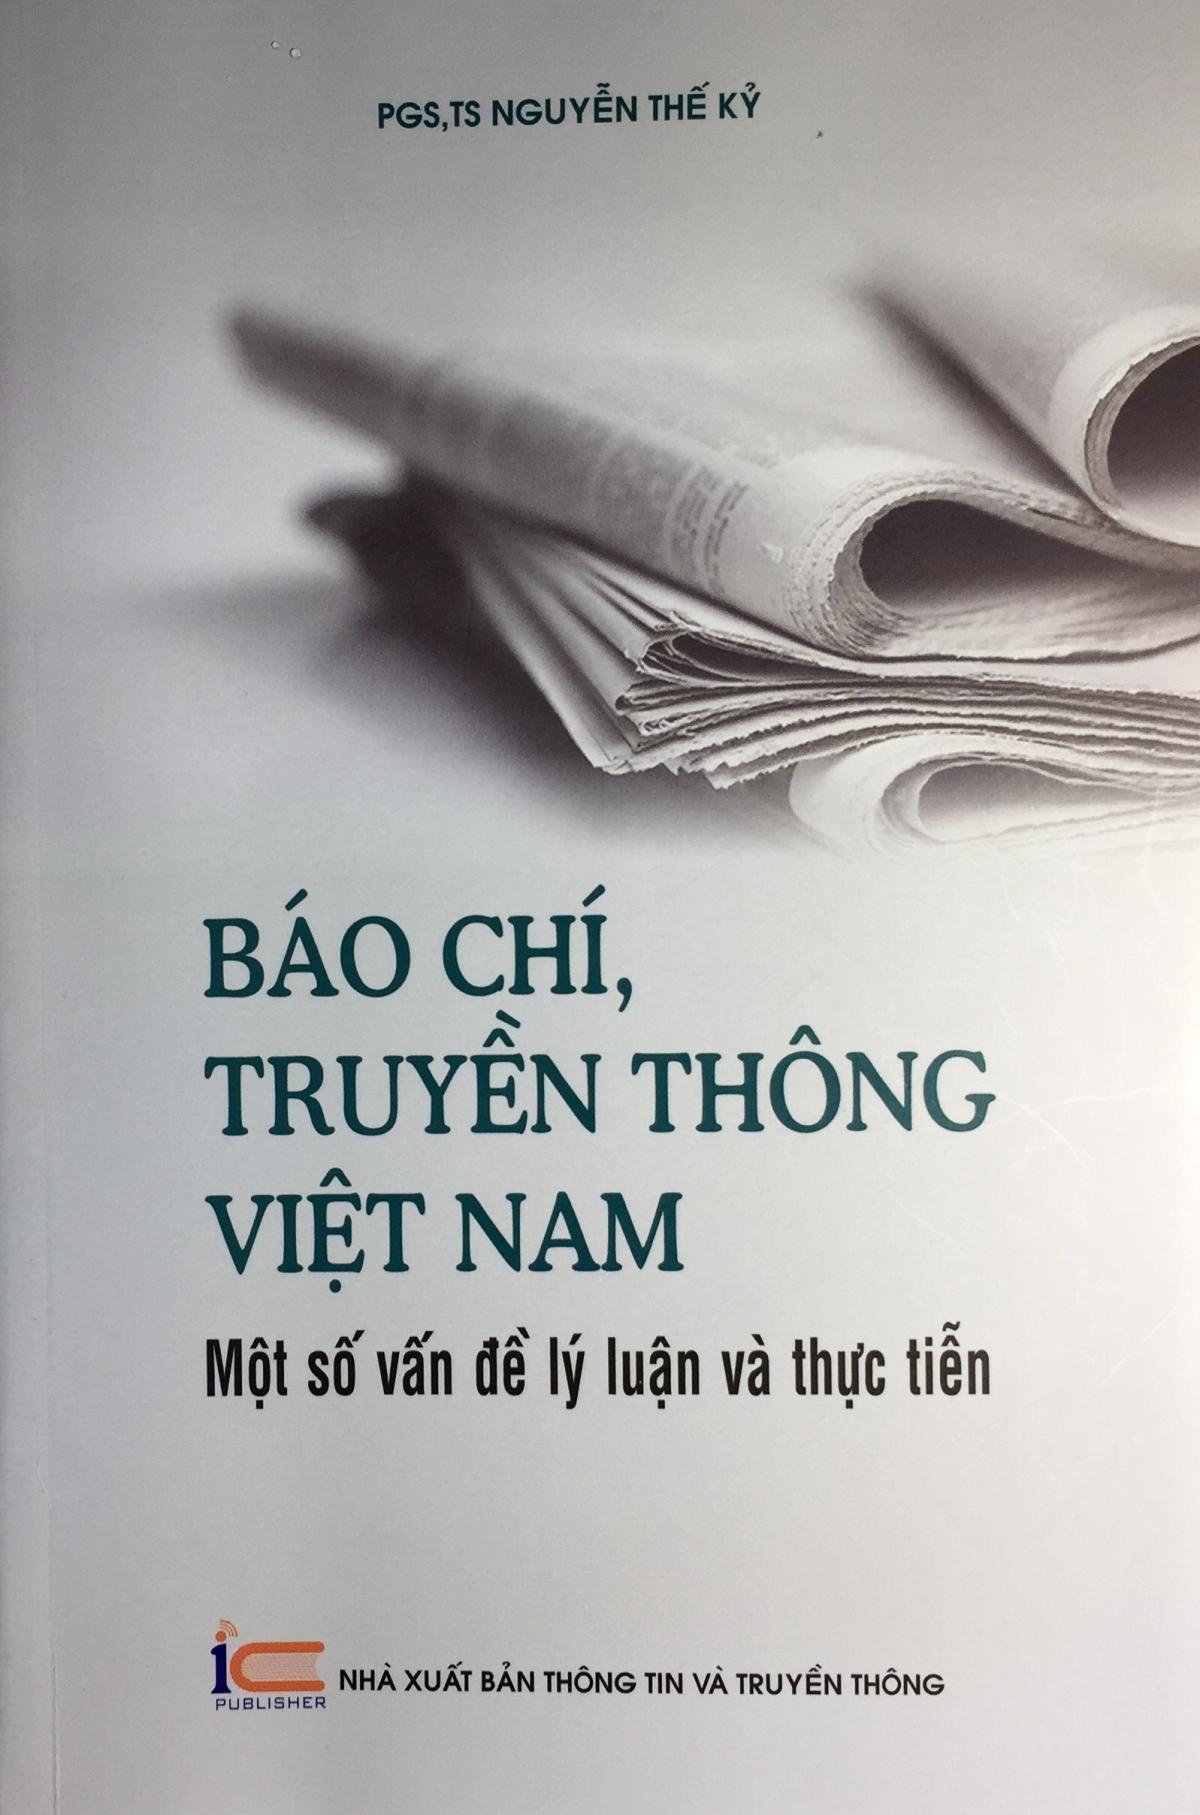 """Sách """"Báo chí, truyền thông Việt Nam - Một số vấn đề lý luận và thực tiễn"""" ."""